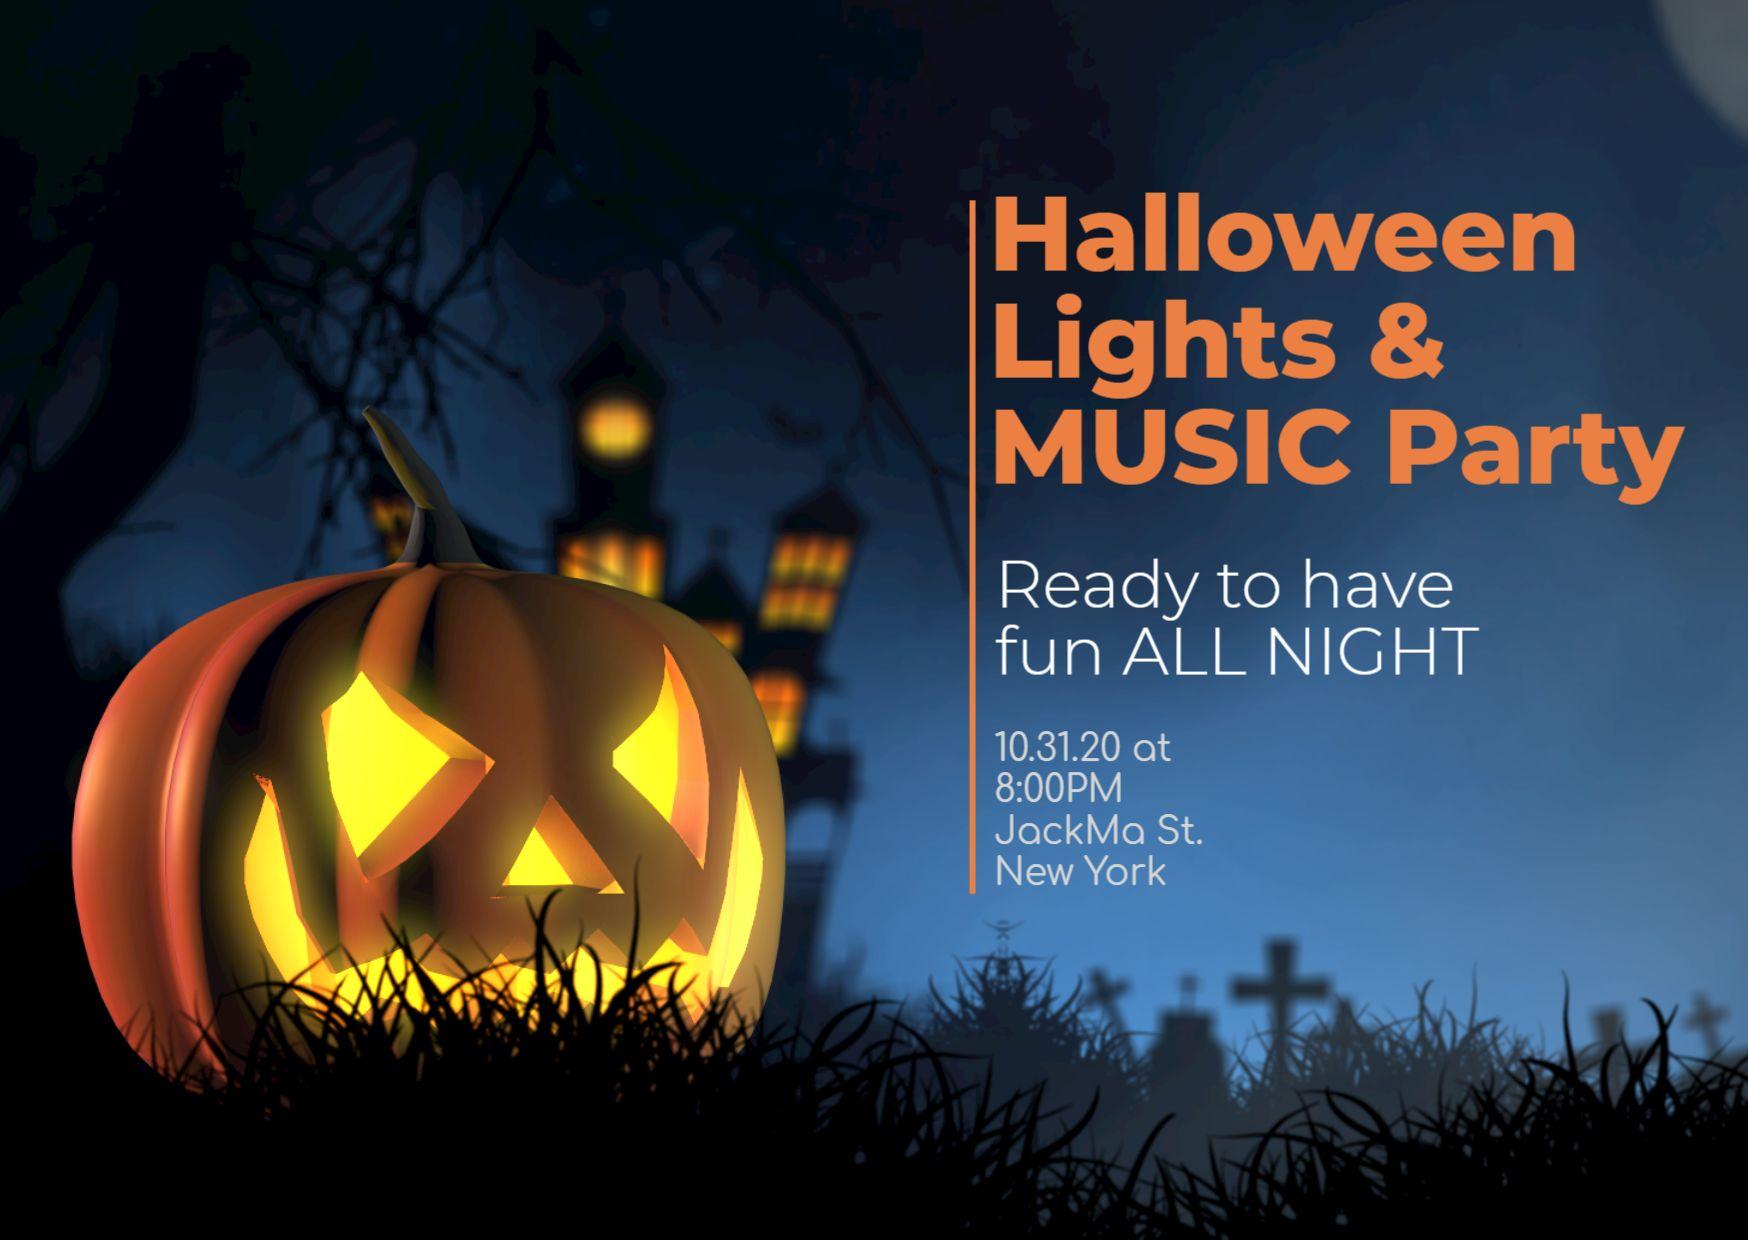 Halloween Invitation Facebook Post